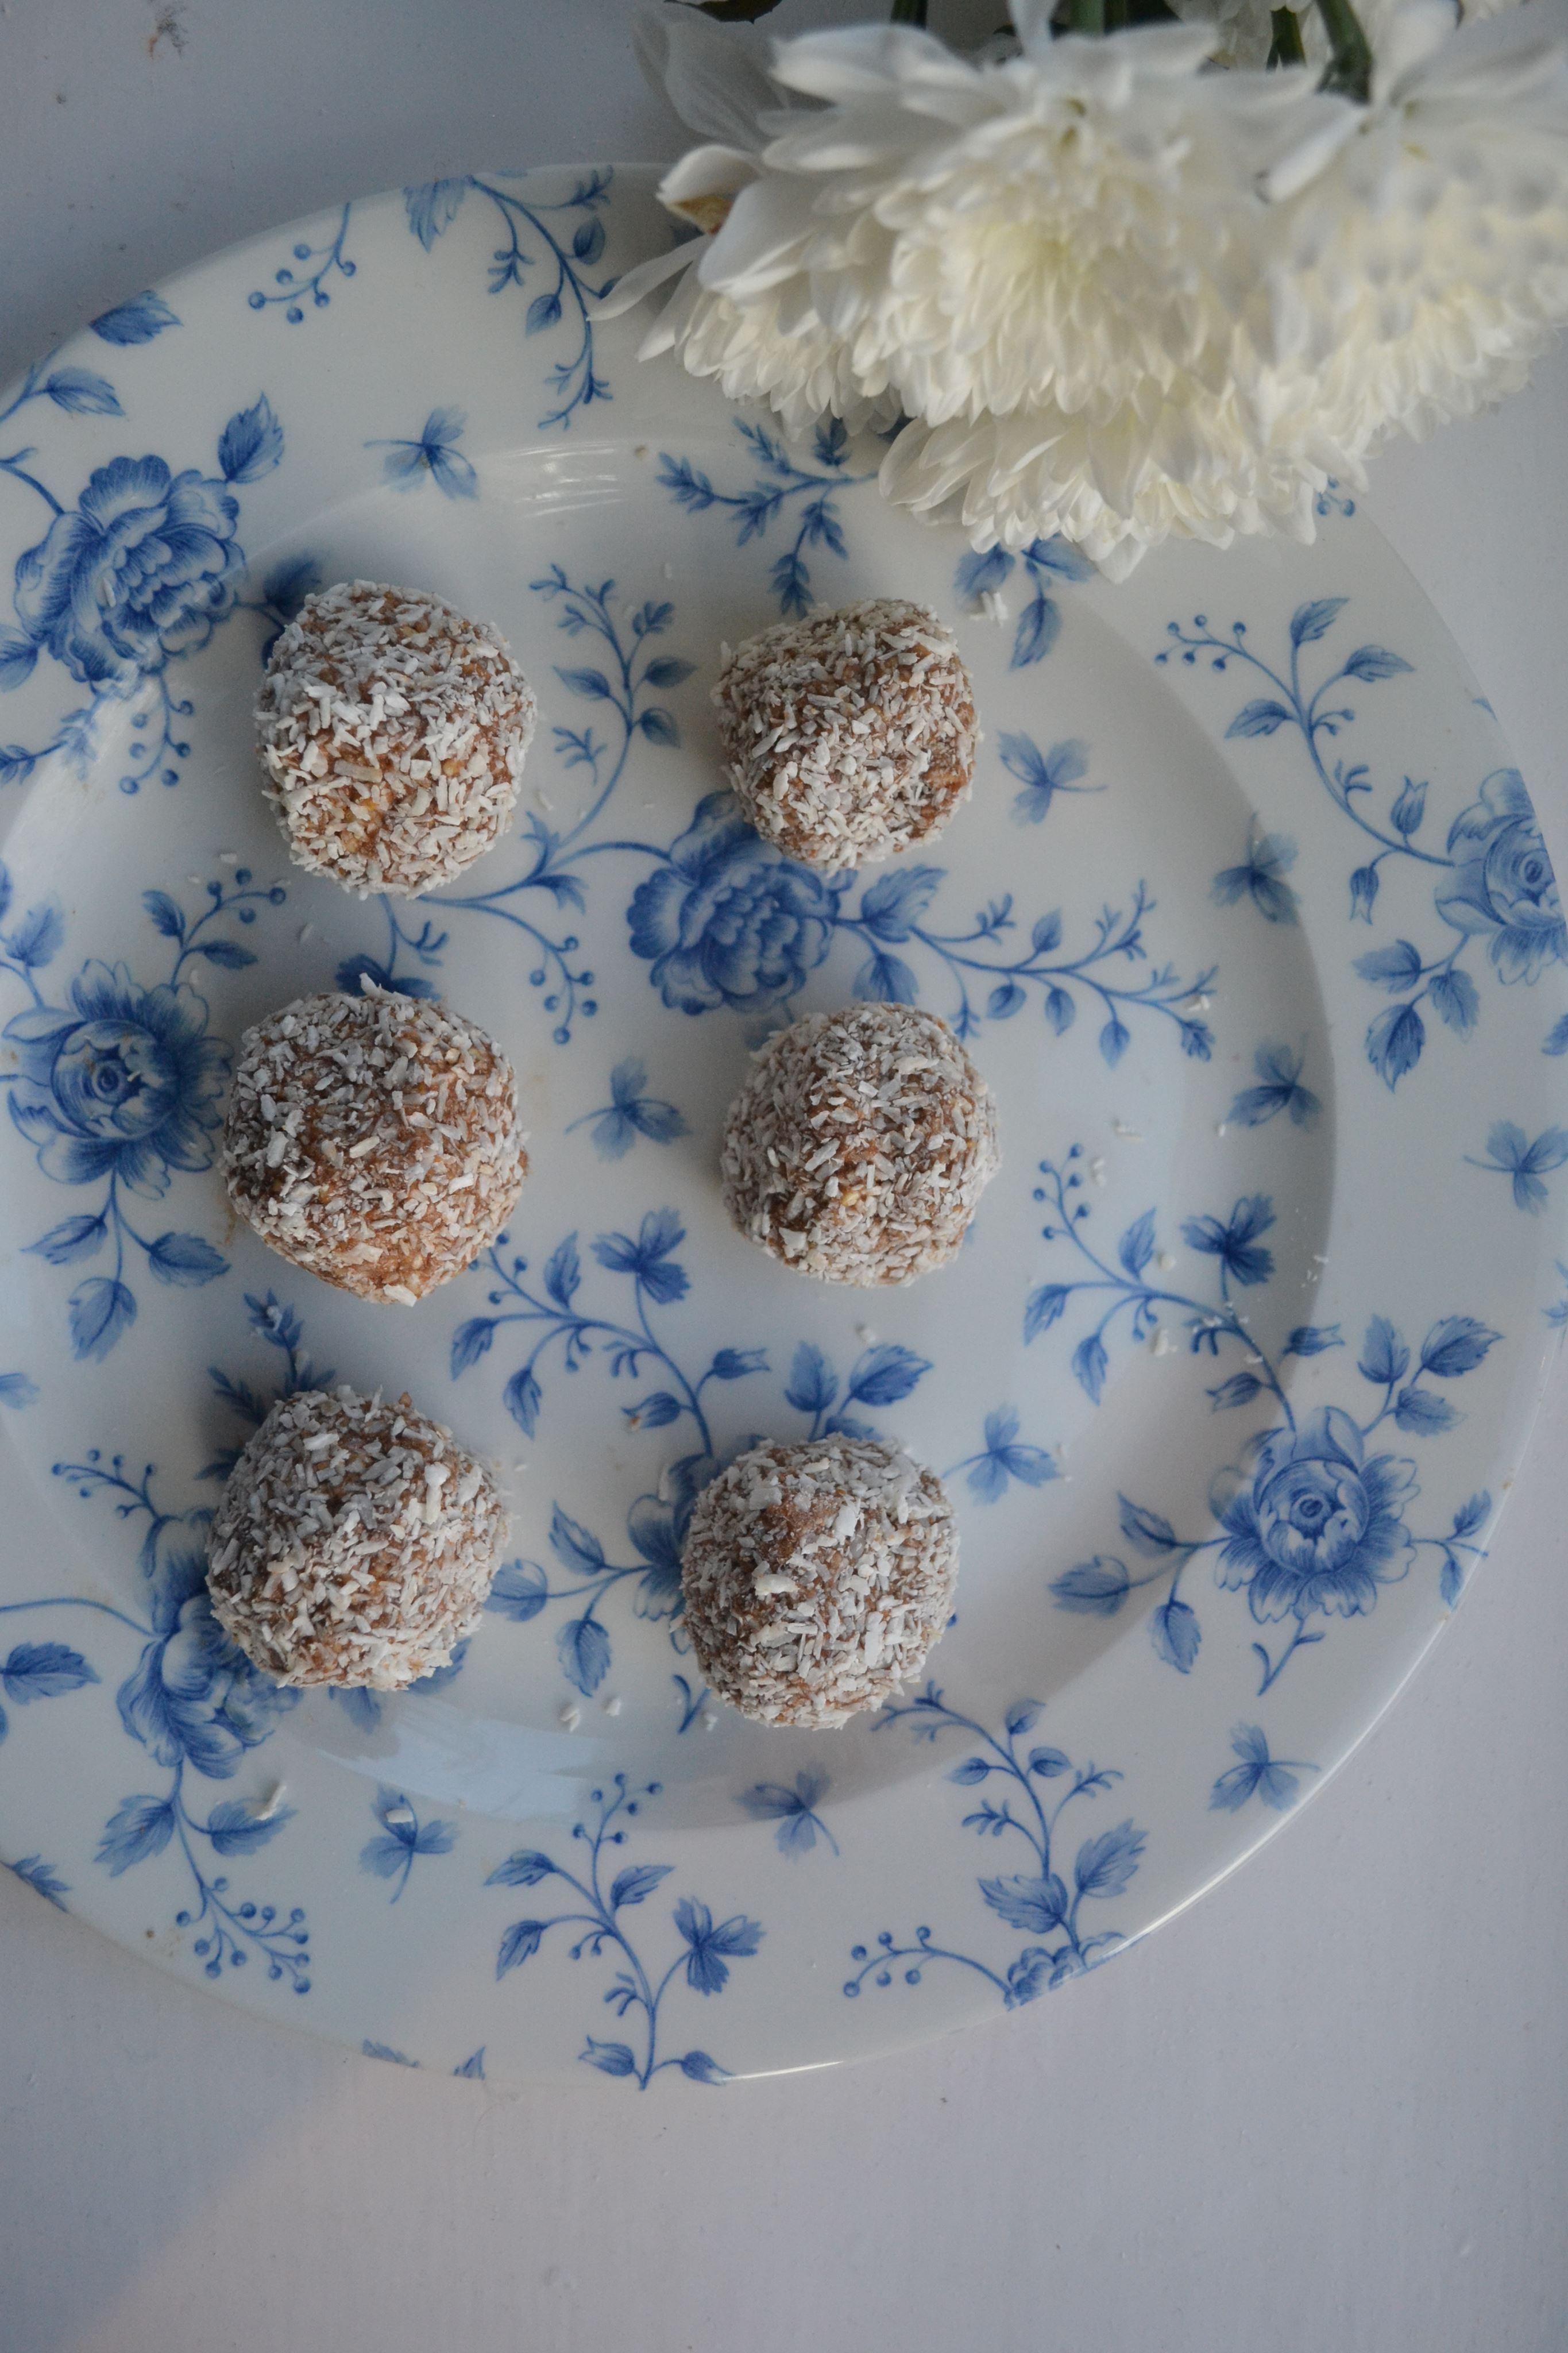 Gluten free cashew coco protein balls